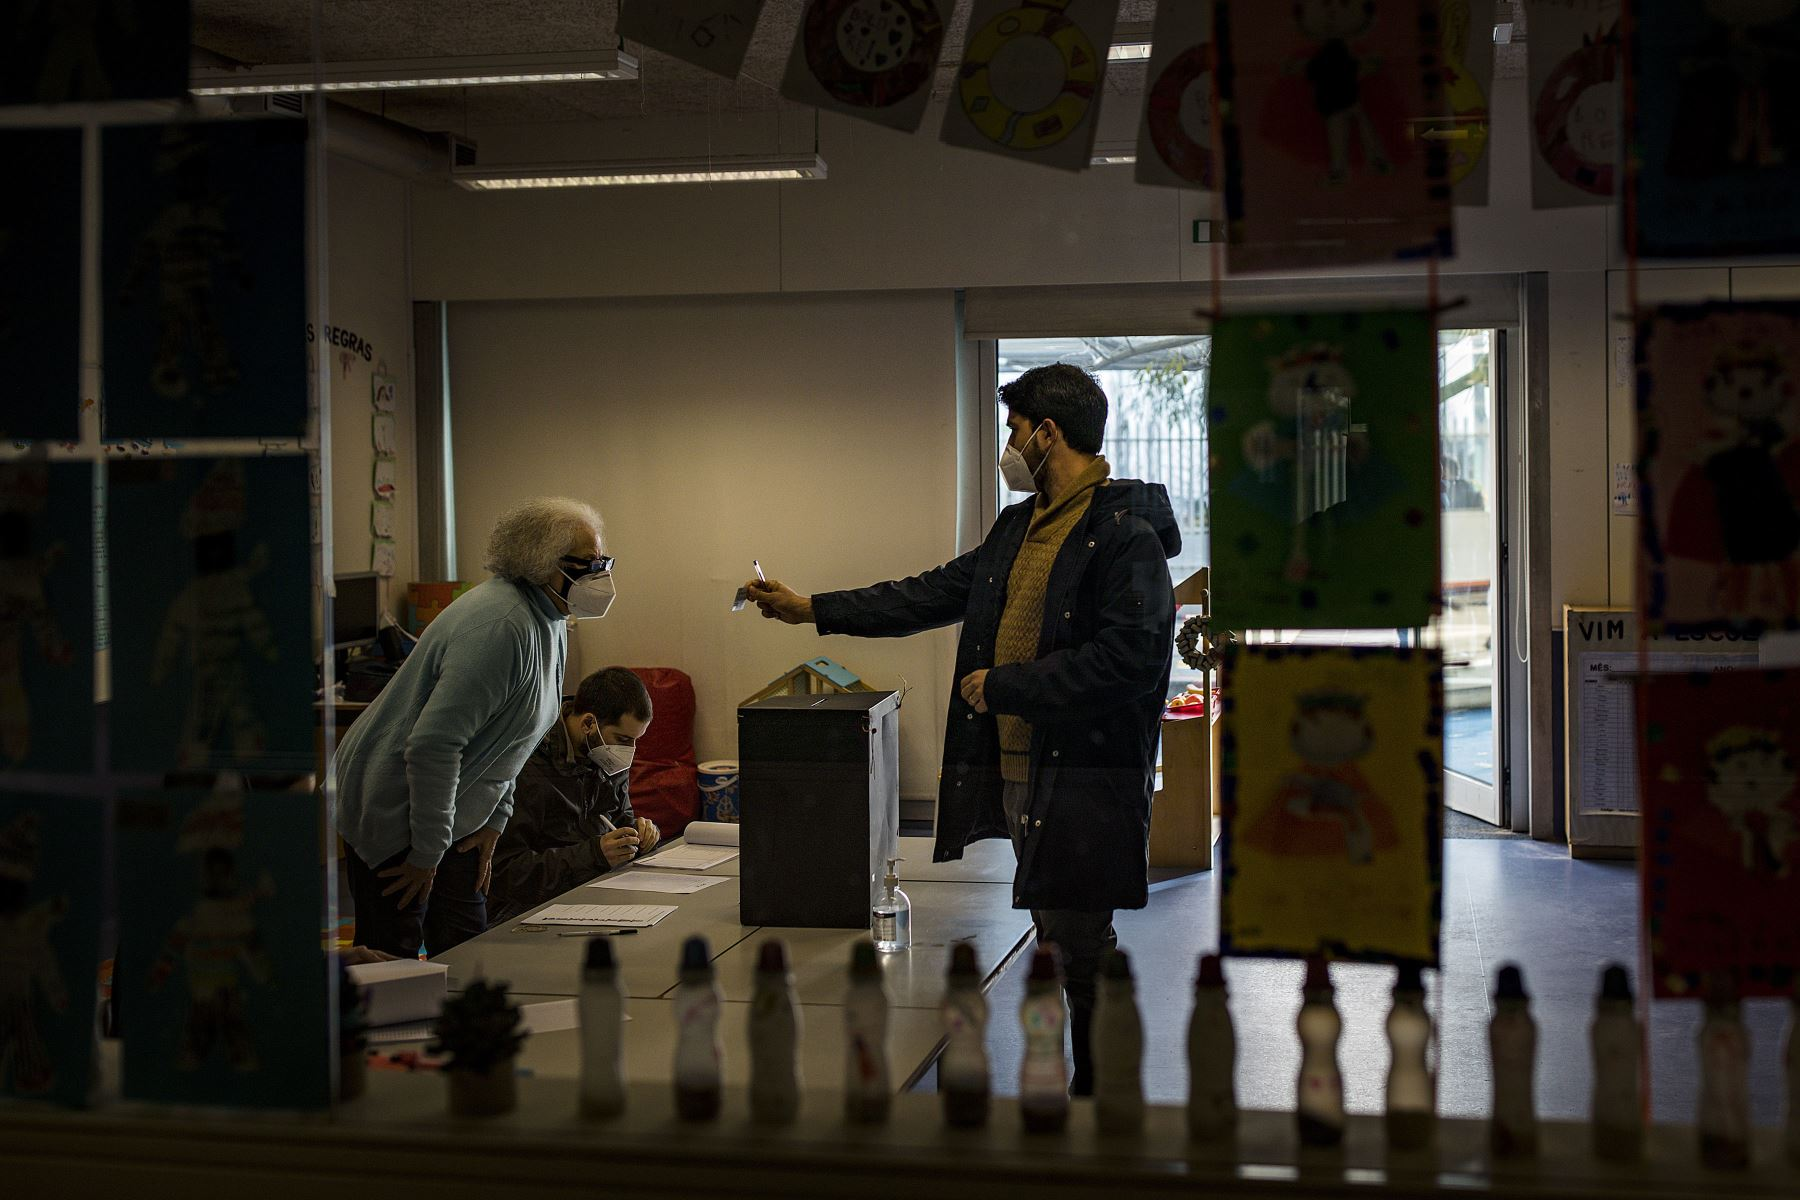 Un hombre muestra su tarjeta de identificación a los trabajadores electorales antes de votar para las elecciones presidenciales portuguesas en una escuela que se utiliza como centro de votación en el Parque das Nacoes en Lisboa, Portugal está votando a pesar del bloqueo pandémico del país.  Foto: AFP